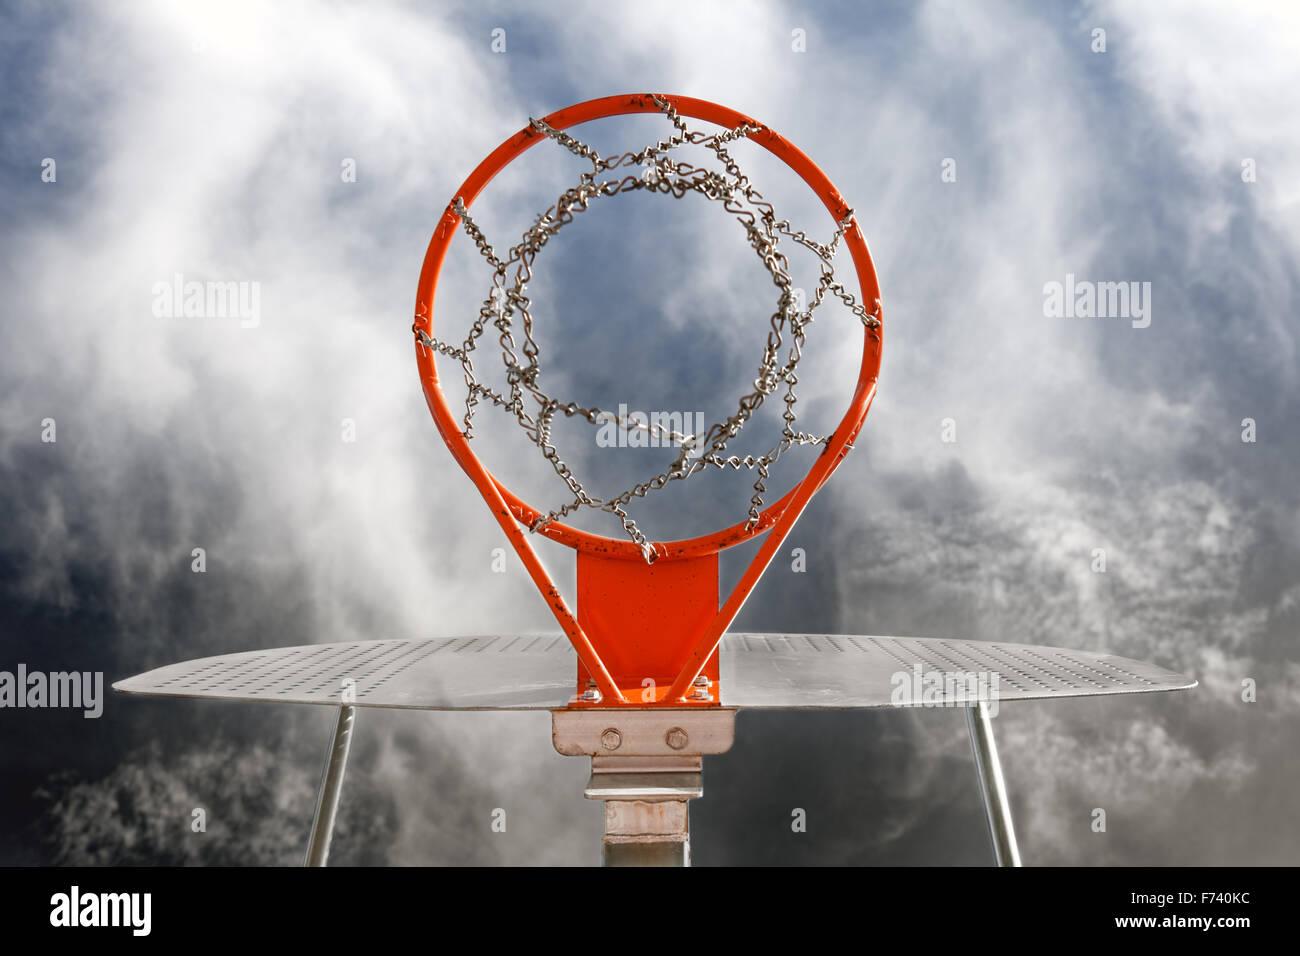 Immagine astratta del basket gol contro il cielo Immagini Stock